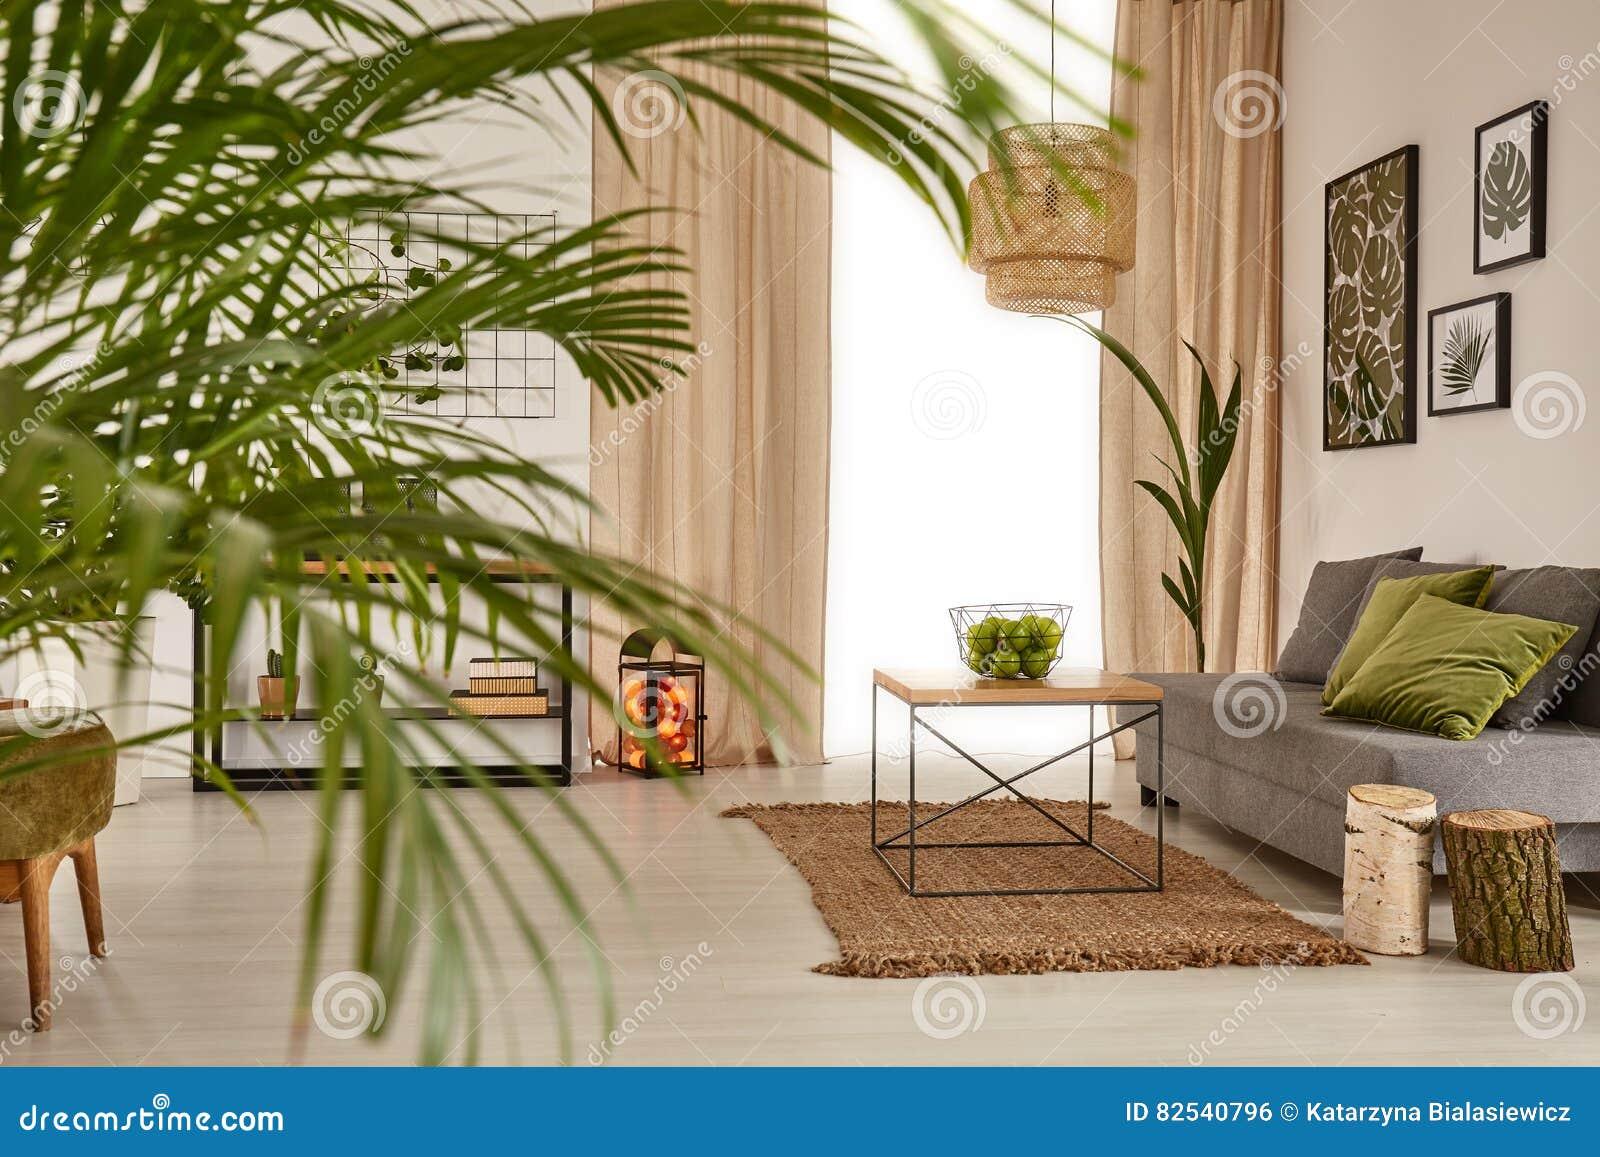 Wohnzimmer Mit Dekorativer Palme Stockfoto - Bild von palme